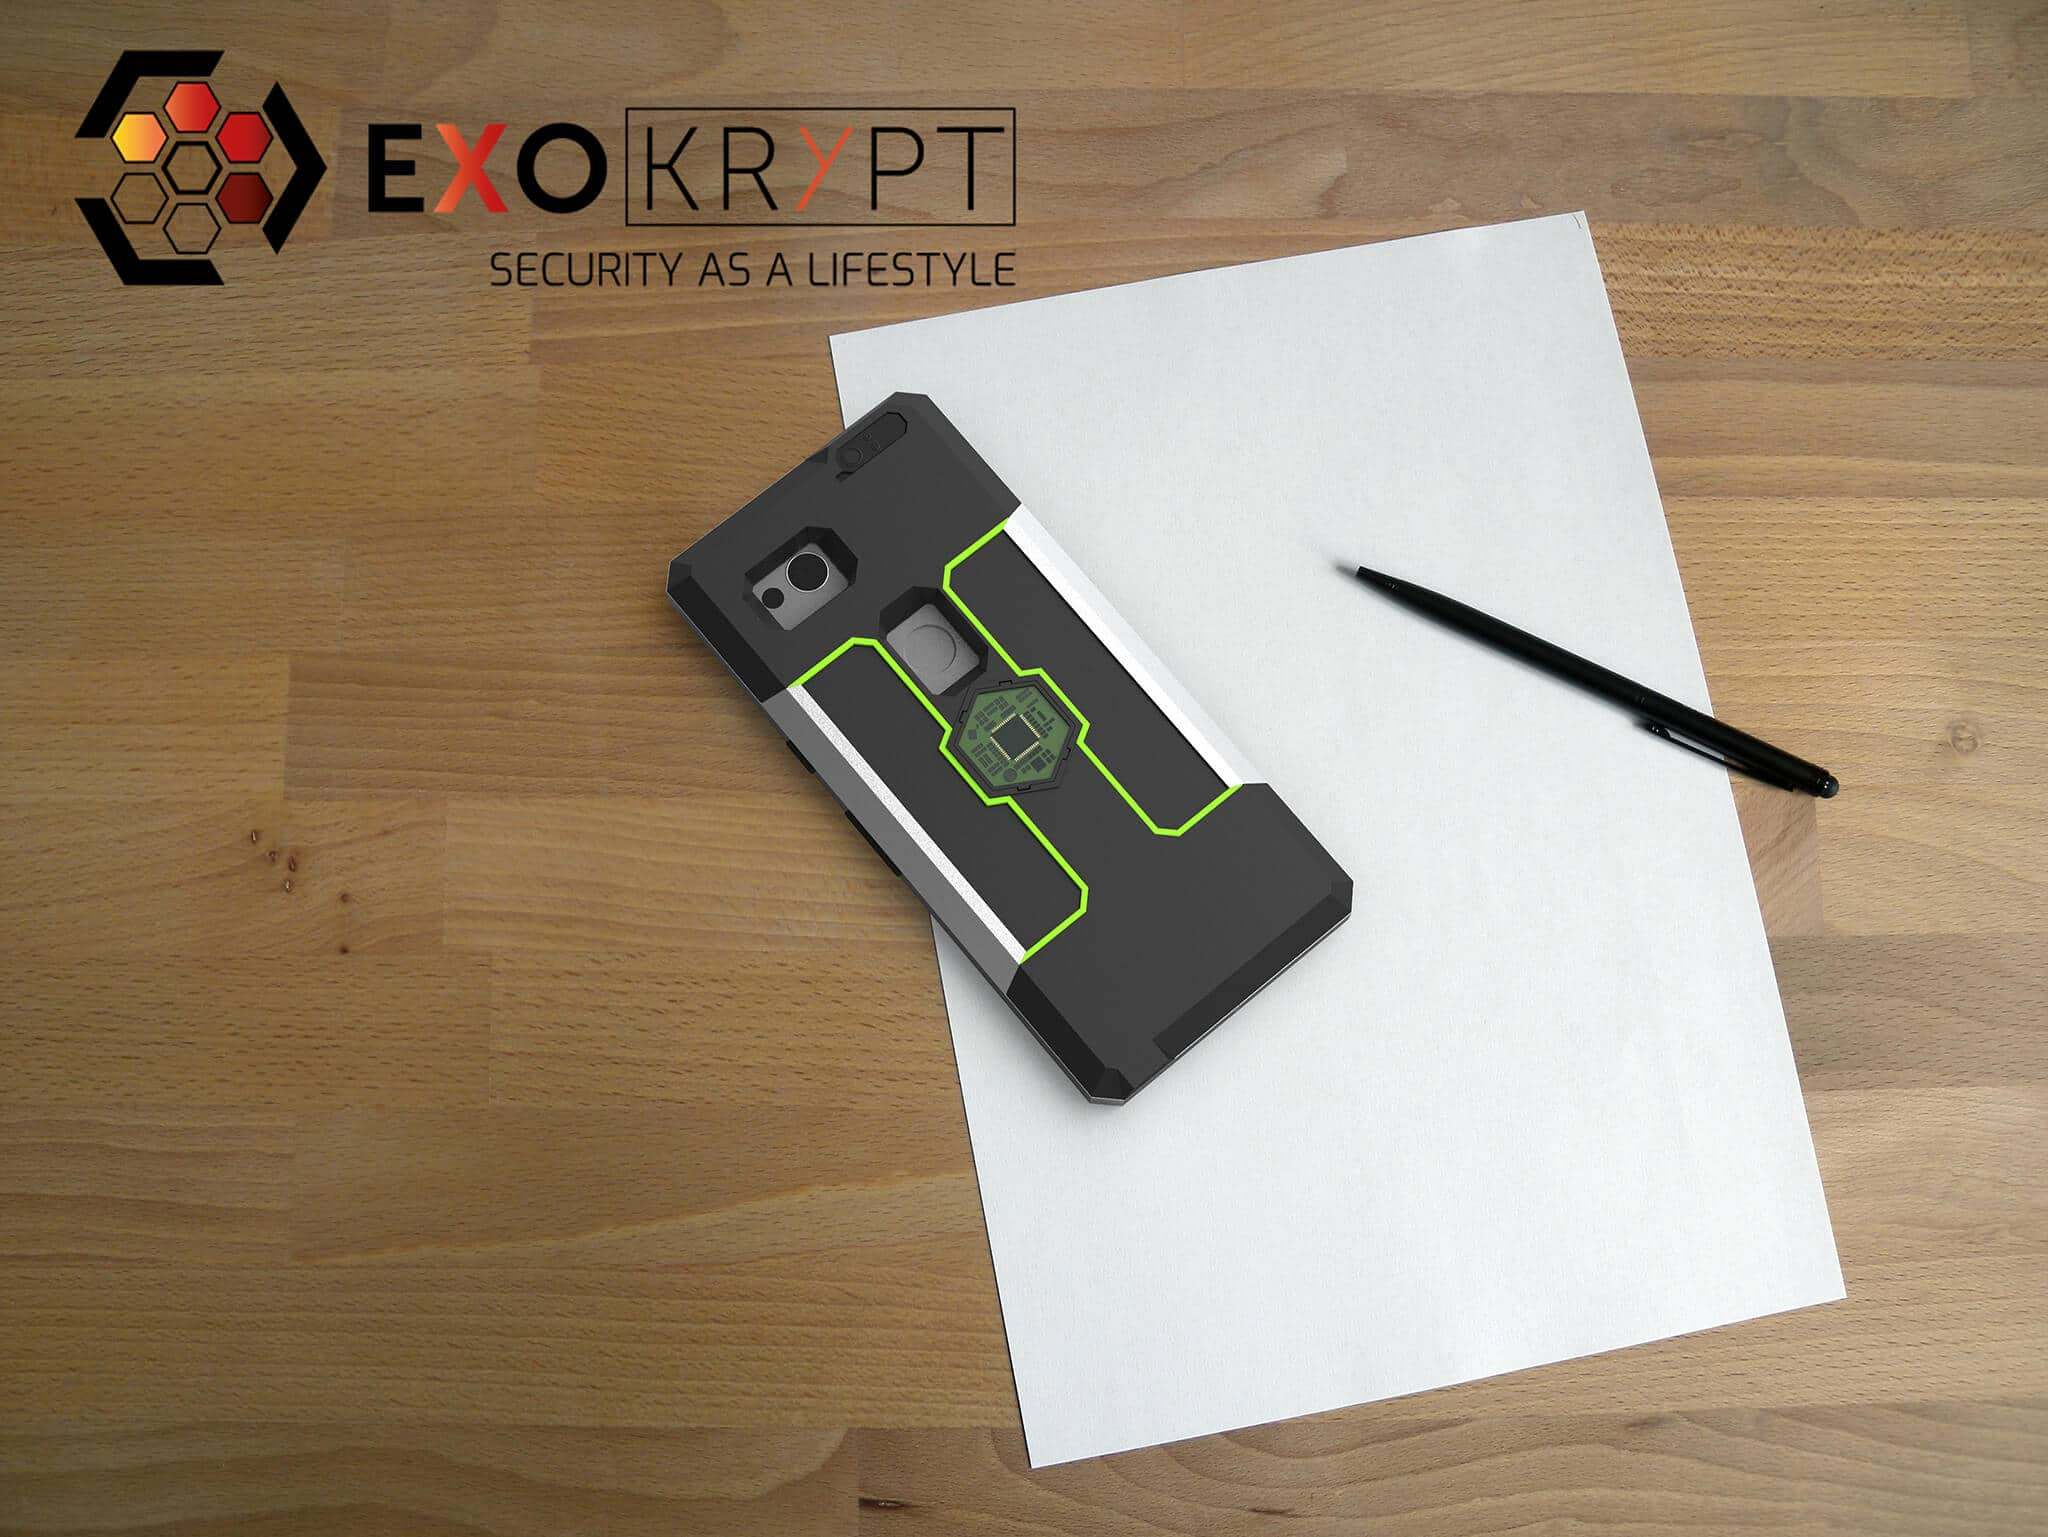 ExoShield BUSINESS Smartphone Case - Brushed Metal Frame - Schwarze Inlets - Toxic Green Inlet Frames auf einem Holztisch auf einem Papierblatt liegend mit Kugelschreiber daneben